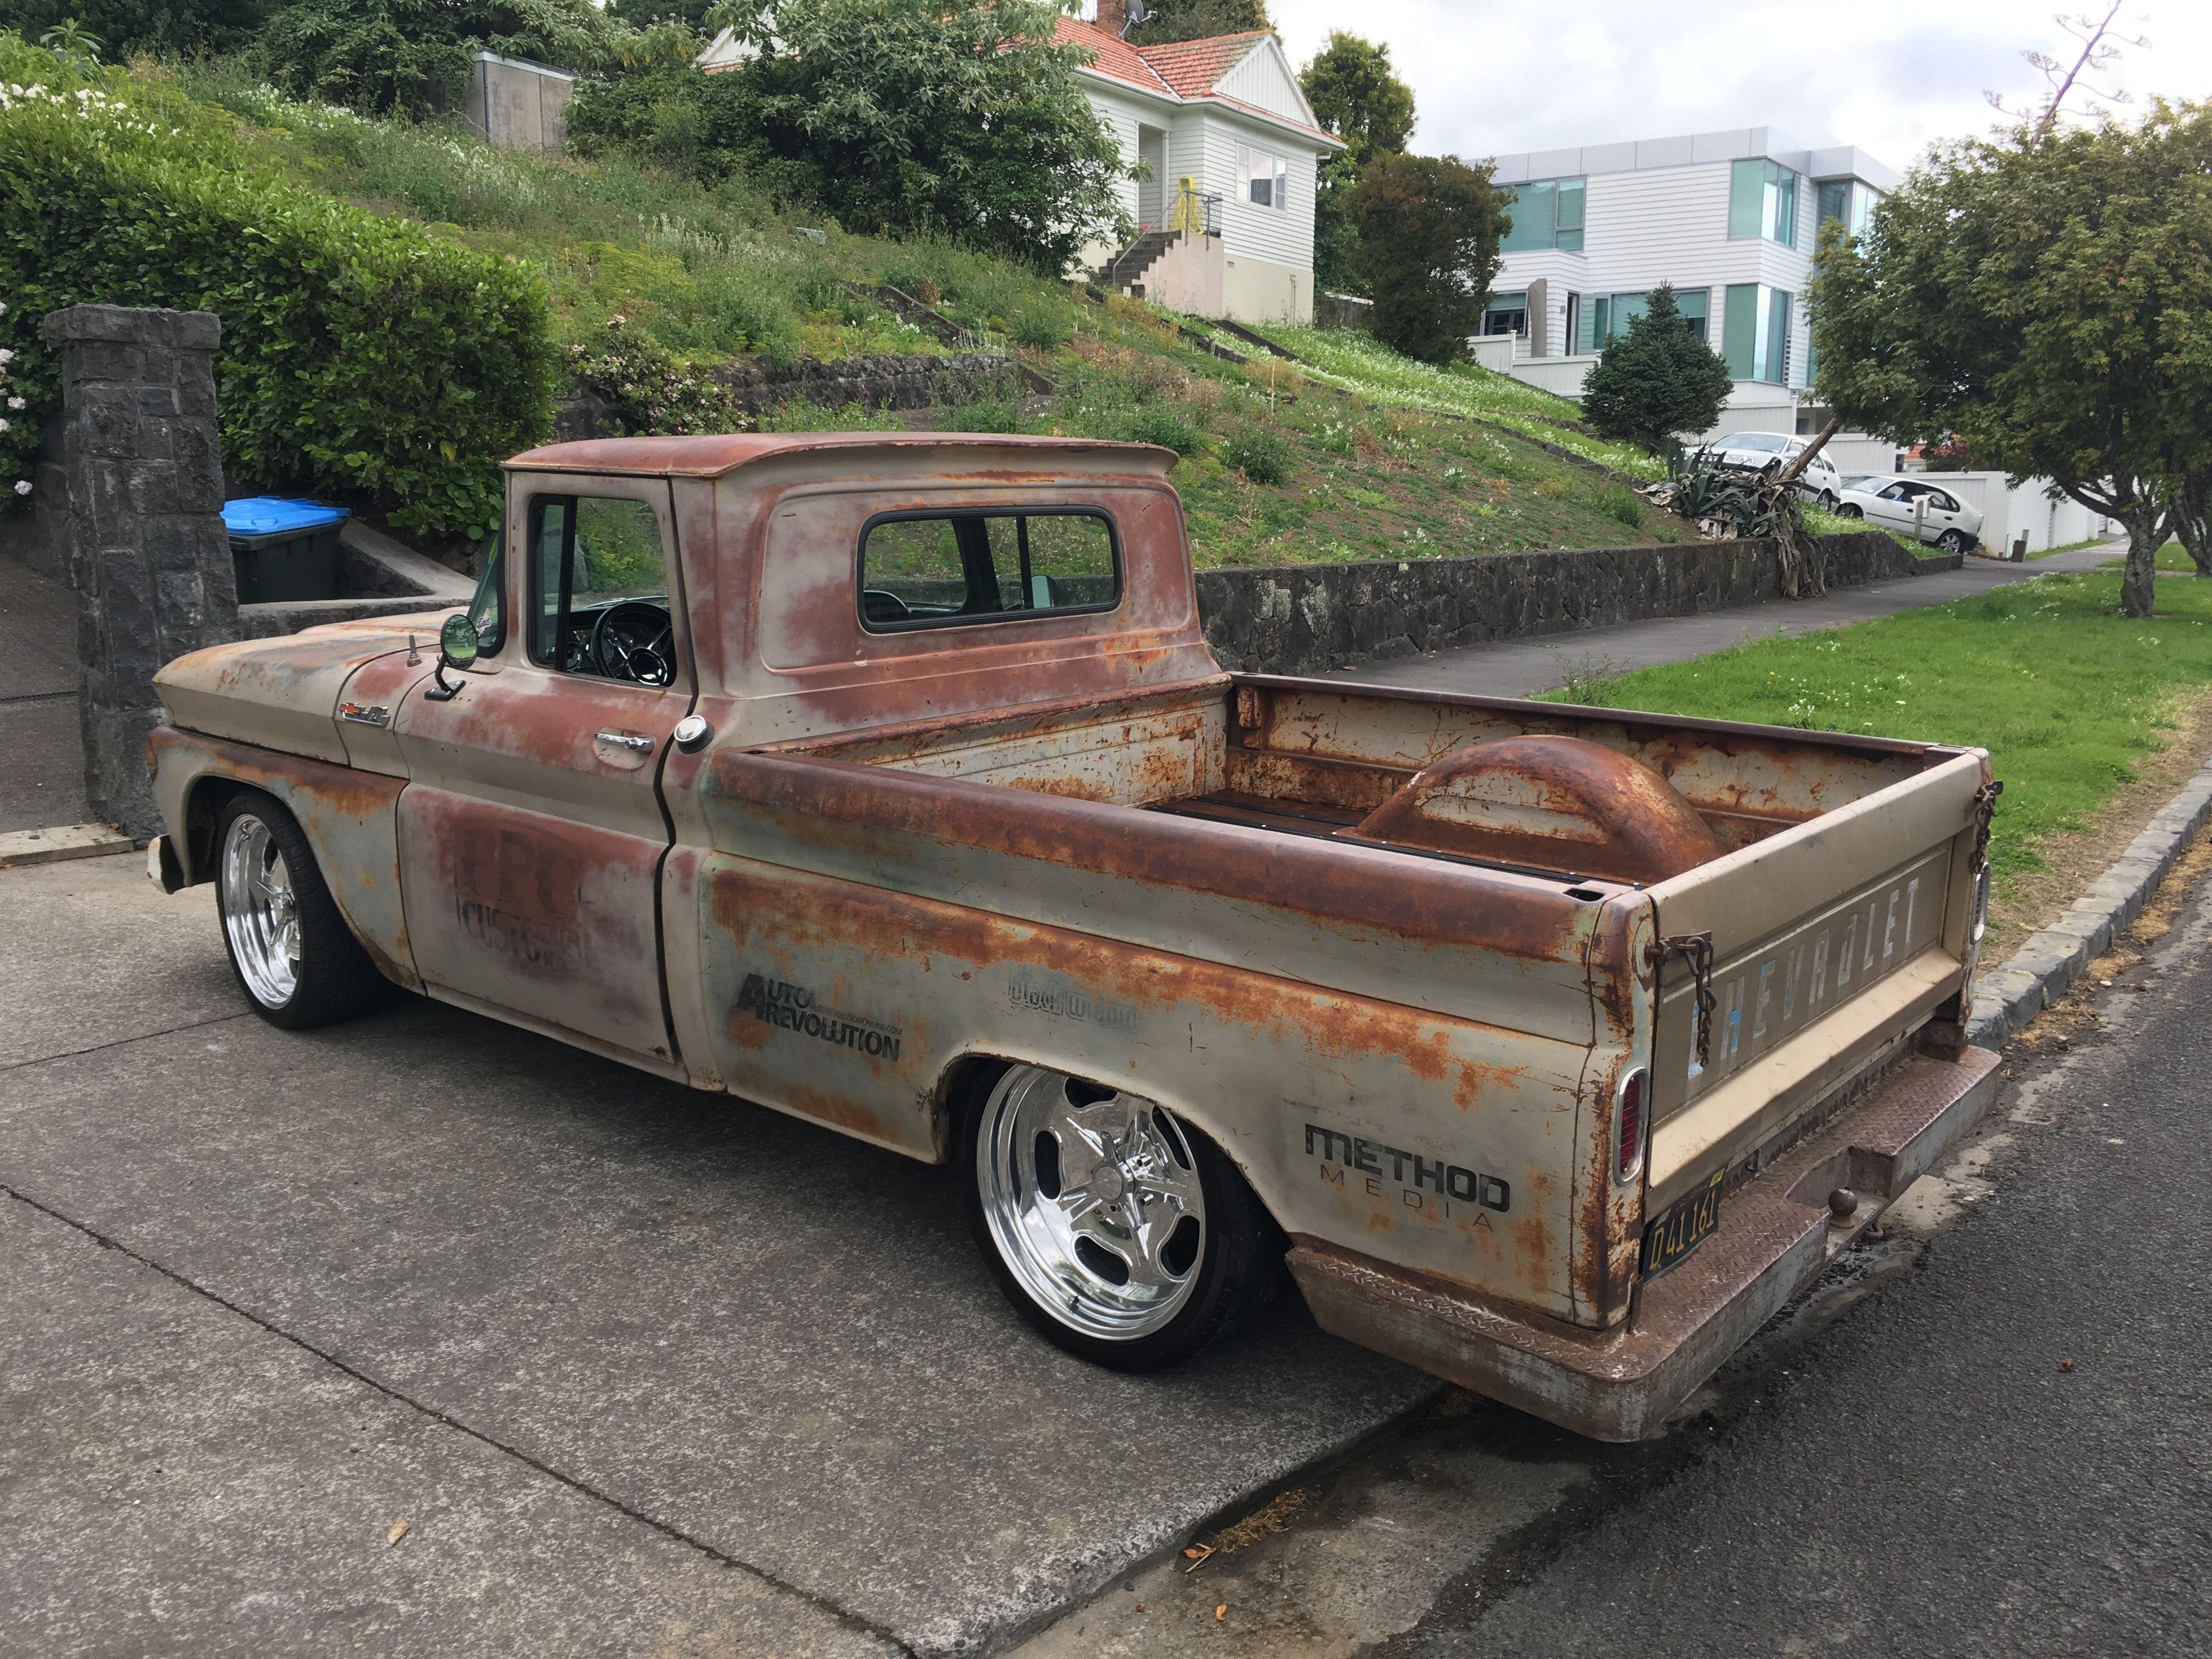 Ae Cbd C E Ed Fd Aa additionally E Aeefa Ce A C Ac together with C D Ad E C F F F Bc furthermore Fb A E F C D C further P L. on apache chevy truck patina paint job